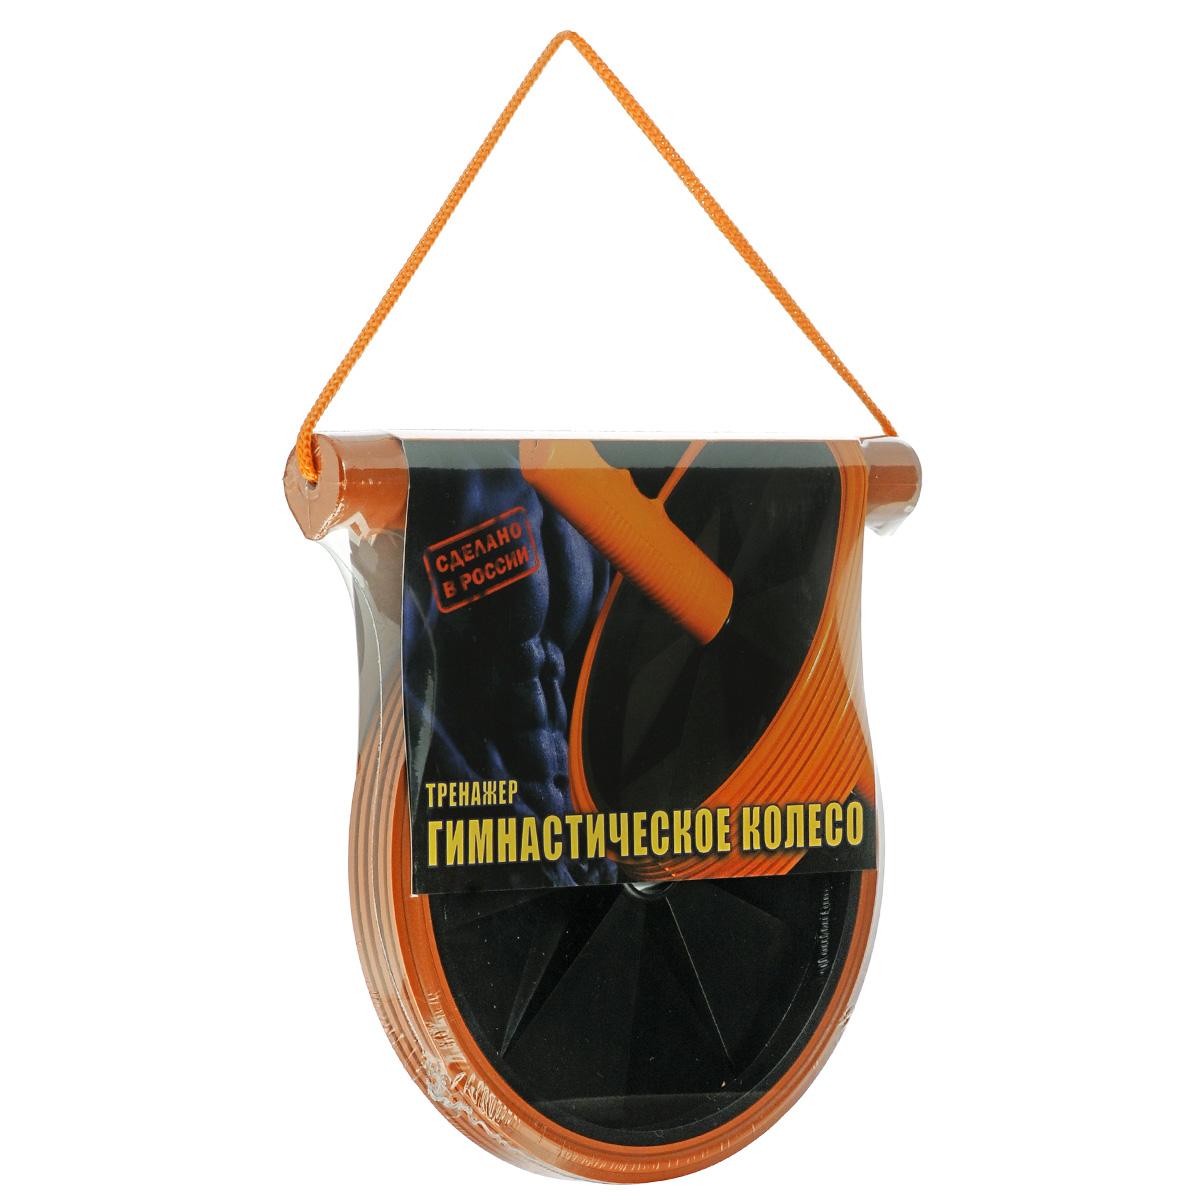 Ролик гимнастический Варяг, одинарный, цвет: оранжевый, черныйES-0103Гимнастический ролик Варяг представляет собой пластиковое колесо, одетое на металлический стержень с ручками, предназначен для индивидуальных занятий физкультурой и фитнесом. Тренировки с гимнастическим роликом повышают тонус мышц брюшного пресса, рук, ног, бедер и плеч, а также значительно улучшают рельеф и форму живота. Гимнастический ролик Варяг поможет поддерживать ваше тело в хорошей физической форме, развивать гибкость, выносливость и избавиться от лишнего веса.Диаметр ролика: 18 см. Длина ручки: 22 см.Толщина ролика: 2,3 см.